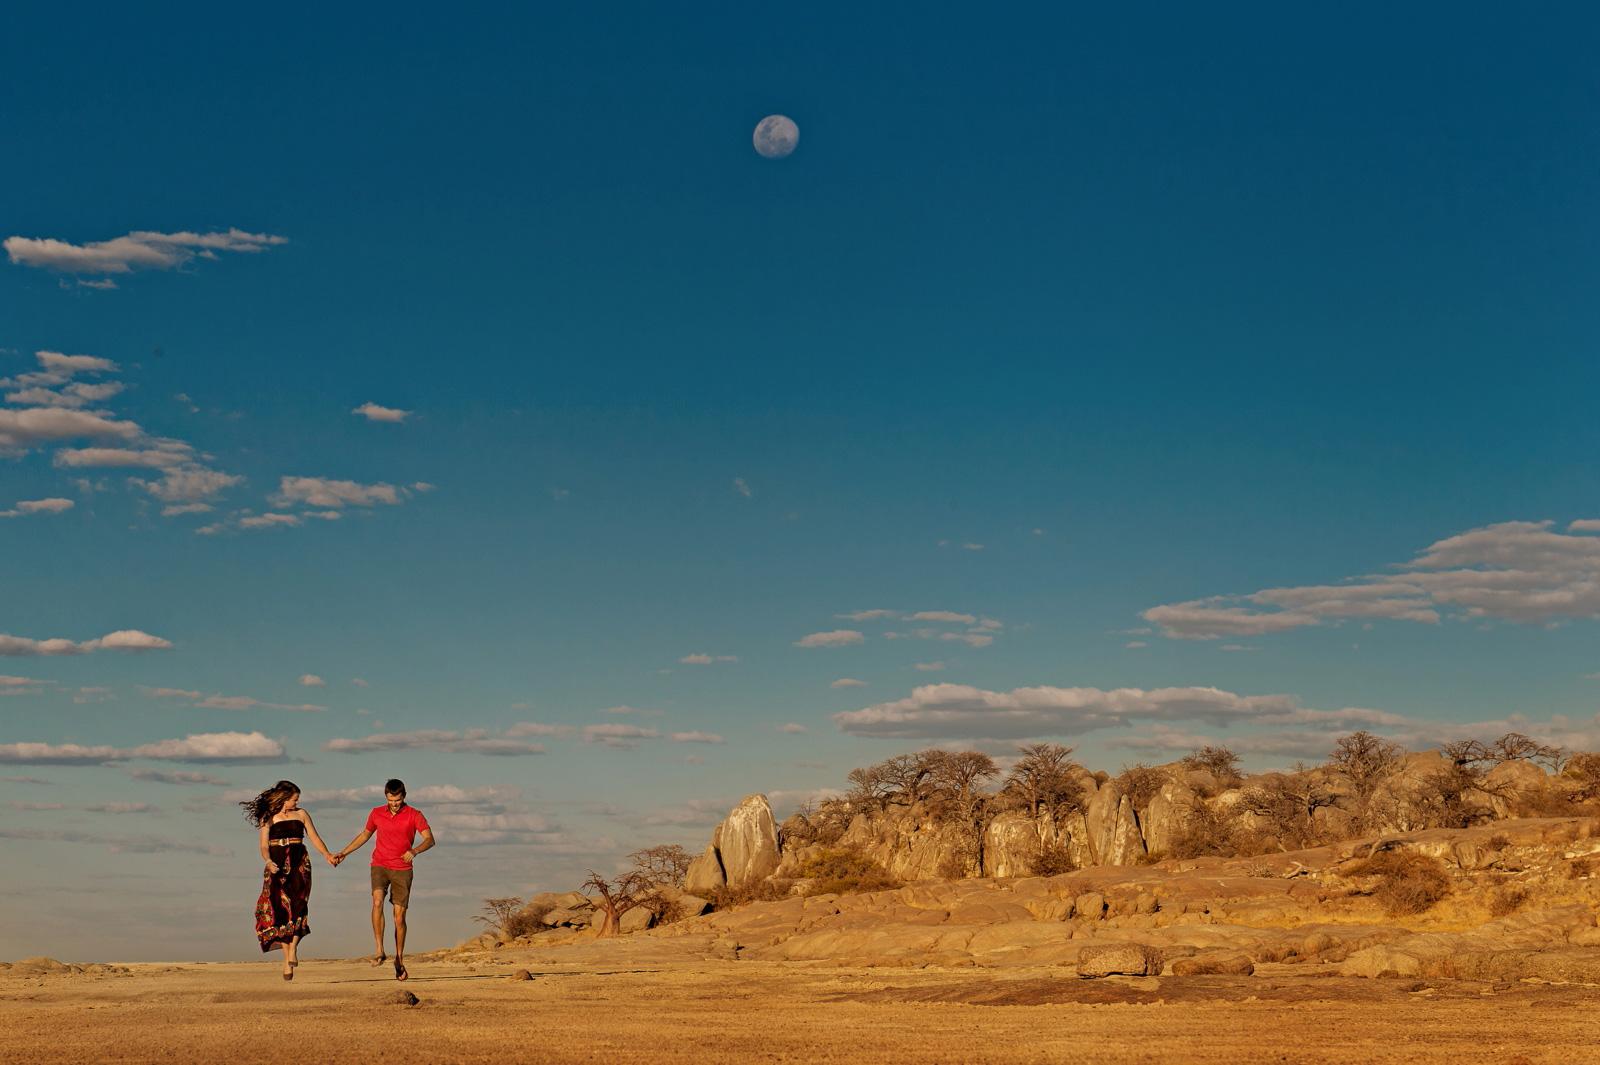 Botswana-Kubu-Island-Engagement-Shoot-Jacki-Bruniquel--001-001001001